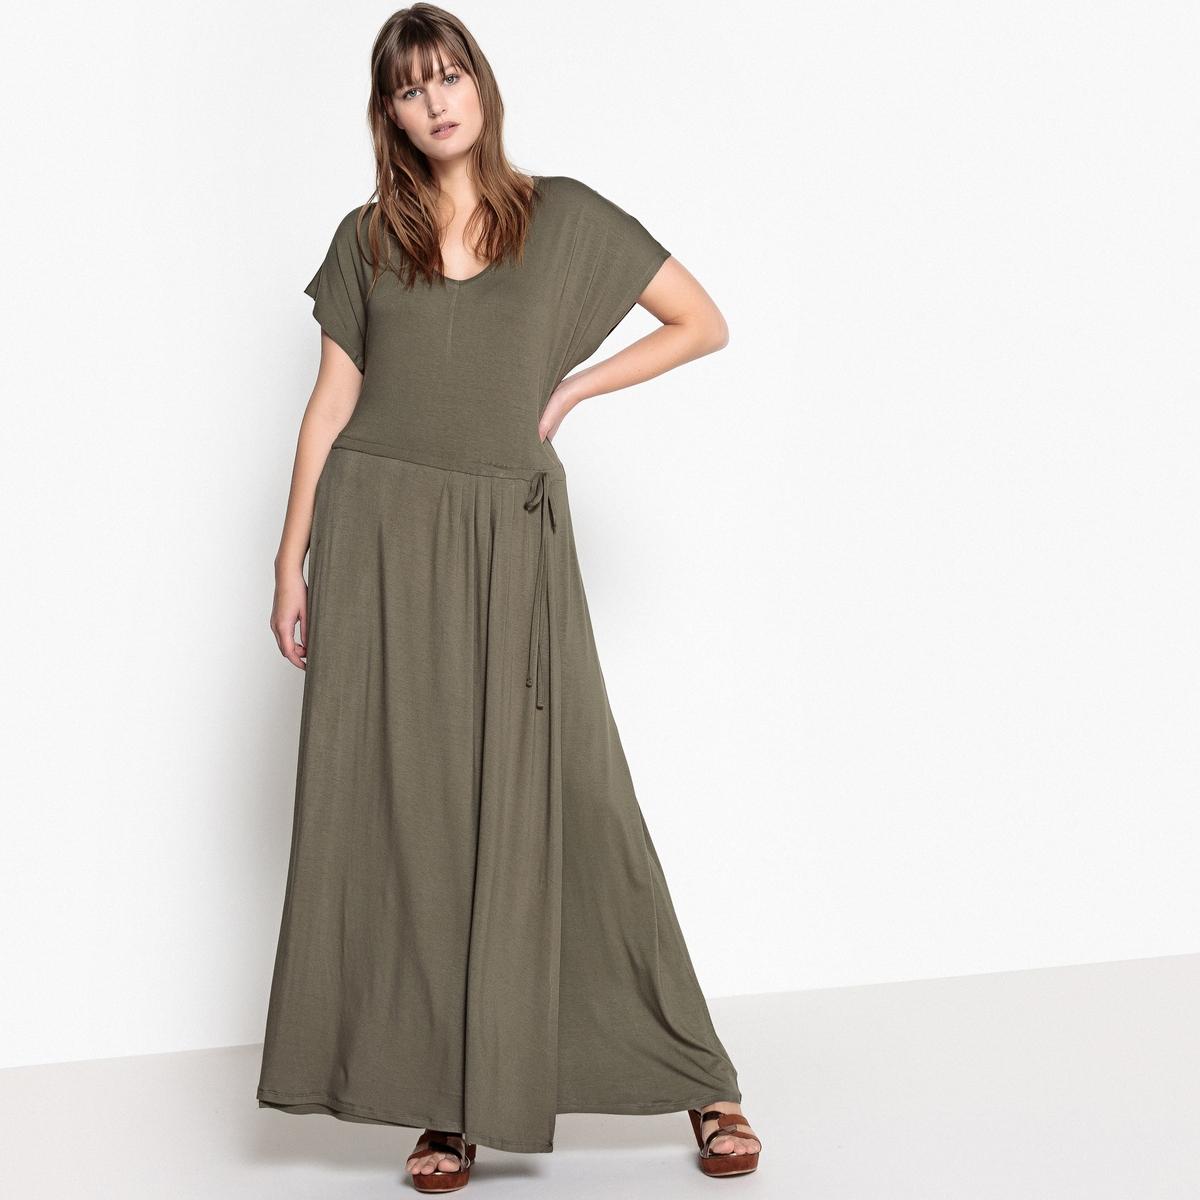 Платье длинное с завязками на поясеДлинное платье из трикотажа: верх элегантности. Это длинное трикотажное платье можно носить каждый день или надеть на вечеринку в сочетании с яркими аксессуарами.Детали •  Форма: расклешенная •  Длина ниже колен •  Короткие рукава    •   V-образный вырезСостав и уход •  95 % вискоза, 5% эластан •  Температура стирки при 30° в деликатном режиме •  Сухая чистка и отбеливатели запрещены •  Не использовать барабанную сушку •  Низкая температура глажкиТовар из коллекции больших размеров •  Очень длинное. •  Завязка в кулиске на поясе. •  Длина посередине спинки 140 см.<br><br>Цвет: красный,синий морской,хаки<br>Размер: 58 (FR) - 64 (RUS).44 (FR) - 50 (RUS).48 (FR) - 54 (RUS).46 (FR) - 52 (RUS).58 (FR) - 64 (RUS).52 (FR) - 58 (RUS).42 (FR) - 48 (RUS).56 (FR) - 62 (RUS).54 (FR) - 60 (RUS).54 (FR) - 60 (RUS).52 (FR) - 58 (RUS).48 (FR) - 54 (RUS).46 (FR) - 52 (RUS).56 (FR) - 62 (RUS).50 (FR) - 56 (RUS).54 (FR) - 60 (RUS).56 (FR) - 62 (RUS).58 (FR) - 64 (RUS).52 (FR) - 58 (RUS).42 (FR) - 48 (RUS).50 (FR) - 56 (RUS).44 (FR) - 50 (RUS).44 (FR) - 50 (RUS).42 (FR) - 48 (RUS).48 (FR) - 54 (RUS).46 (FR) - 52 (RUS)